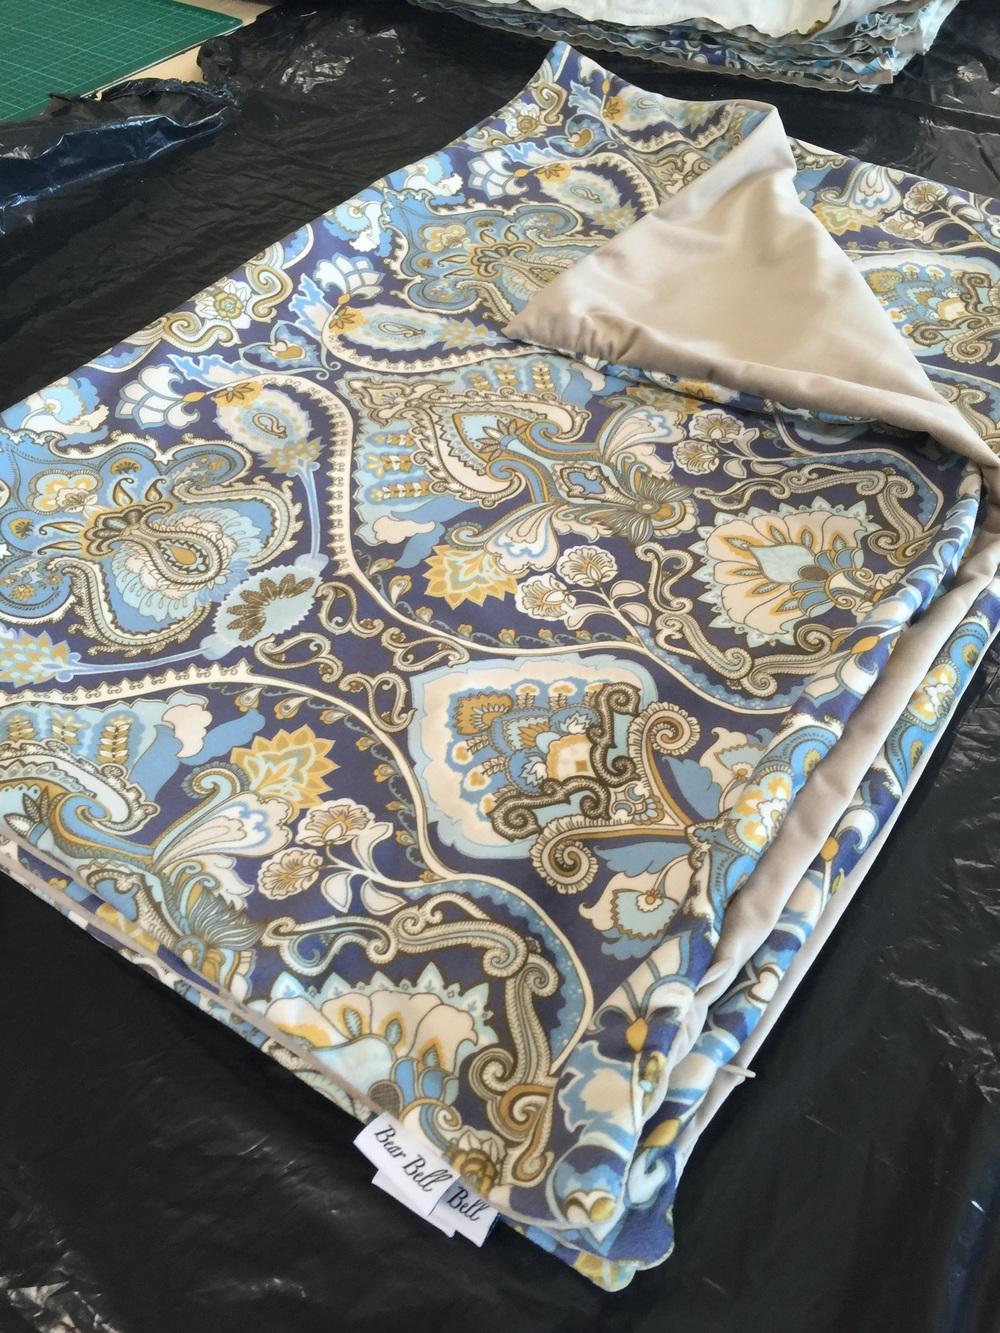 Färdiga kuddfodral i formatet 70x50 cm som kommer bli jättefina prydnadskuddar i soffan eller som gavelkuddar i sängen.